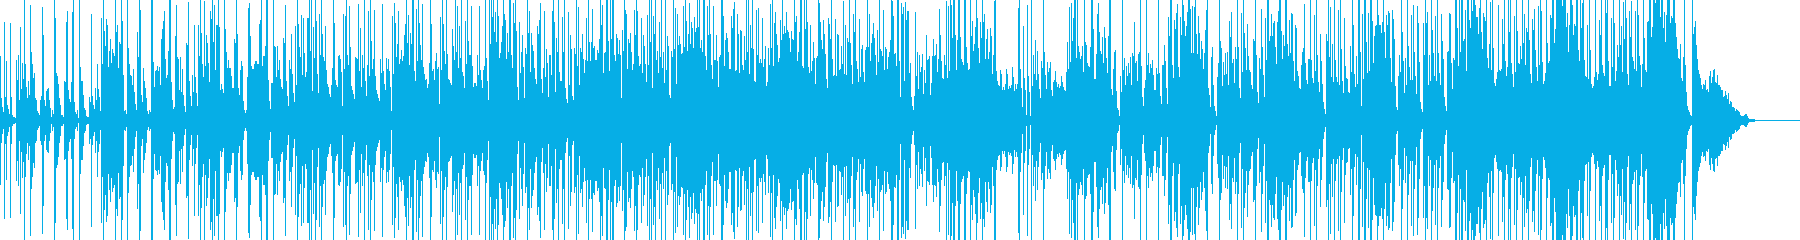 コメディに適したポップス・ベース有の再生済みの波形